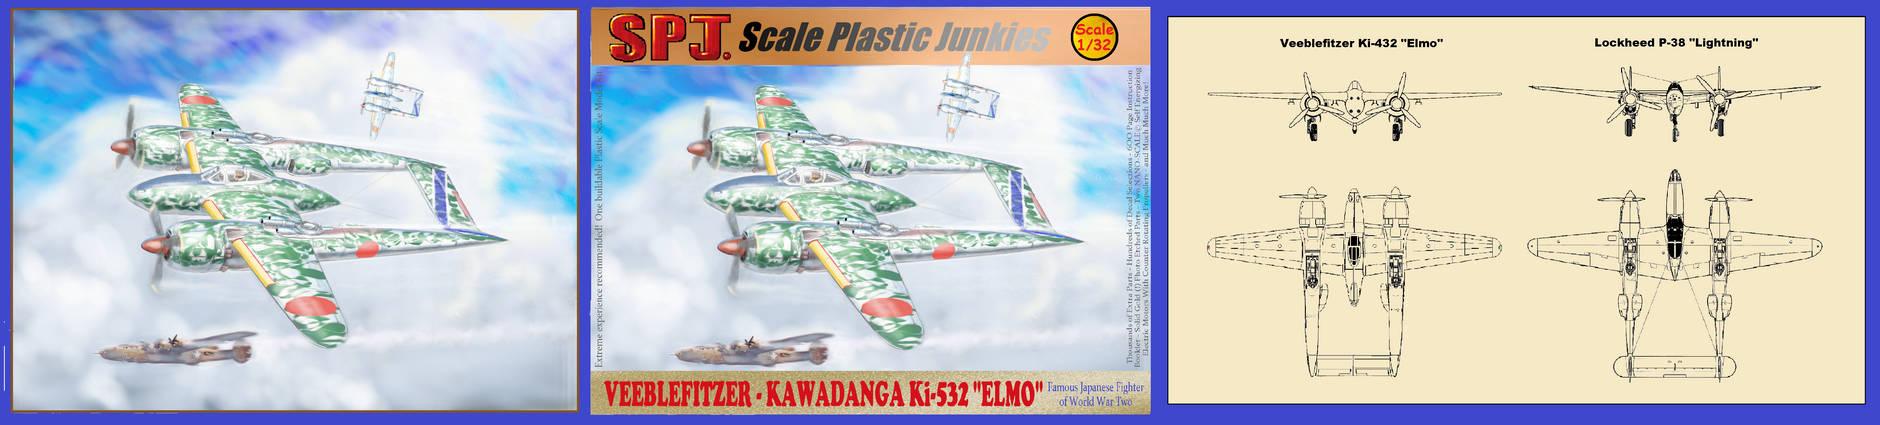 Veeblefitzer-Kawadanga Ki-532 ''Elmo''